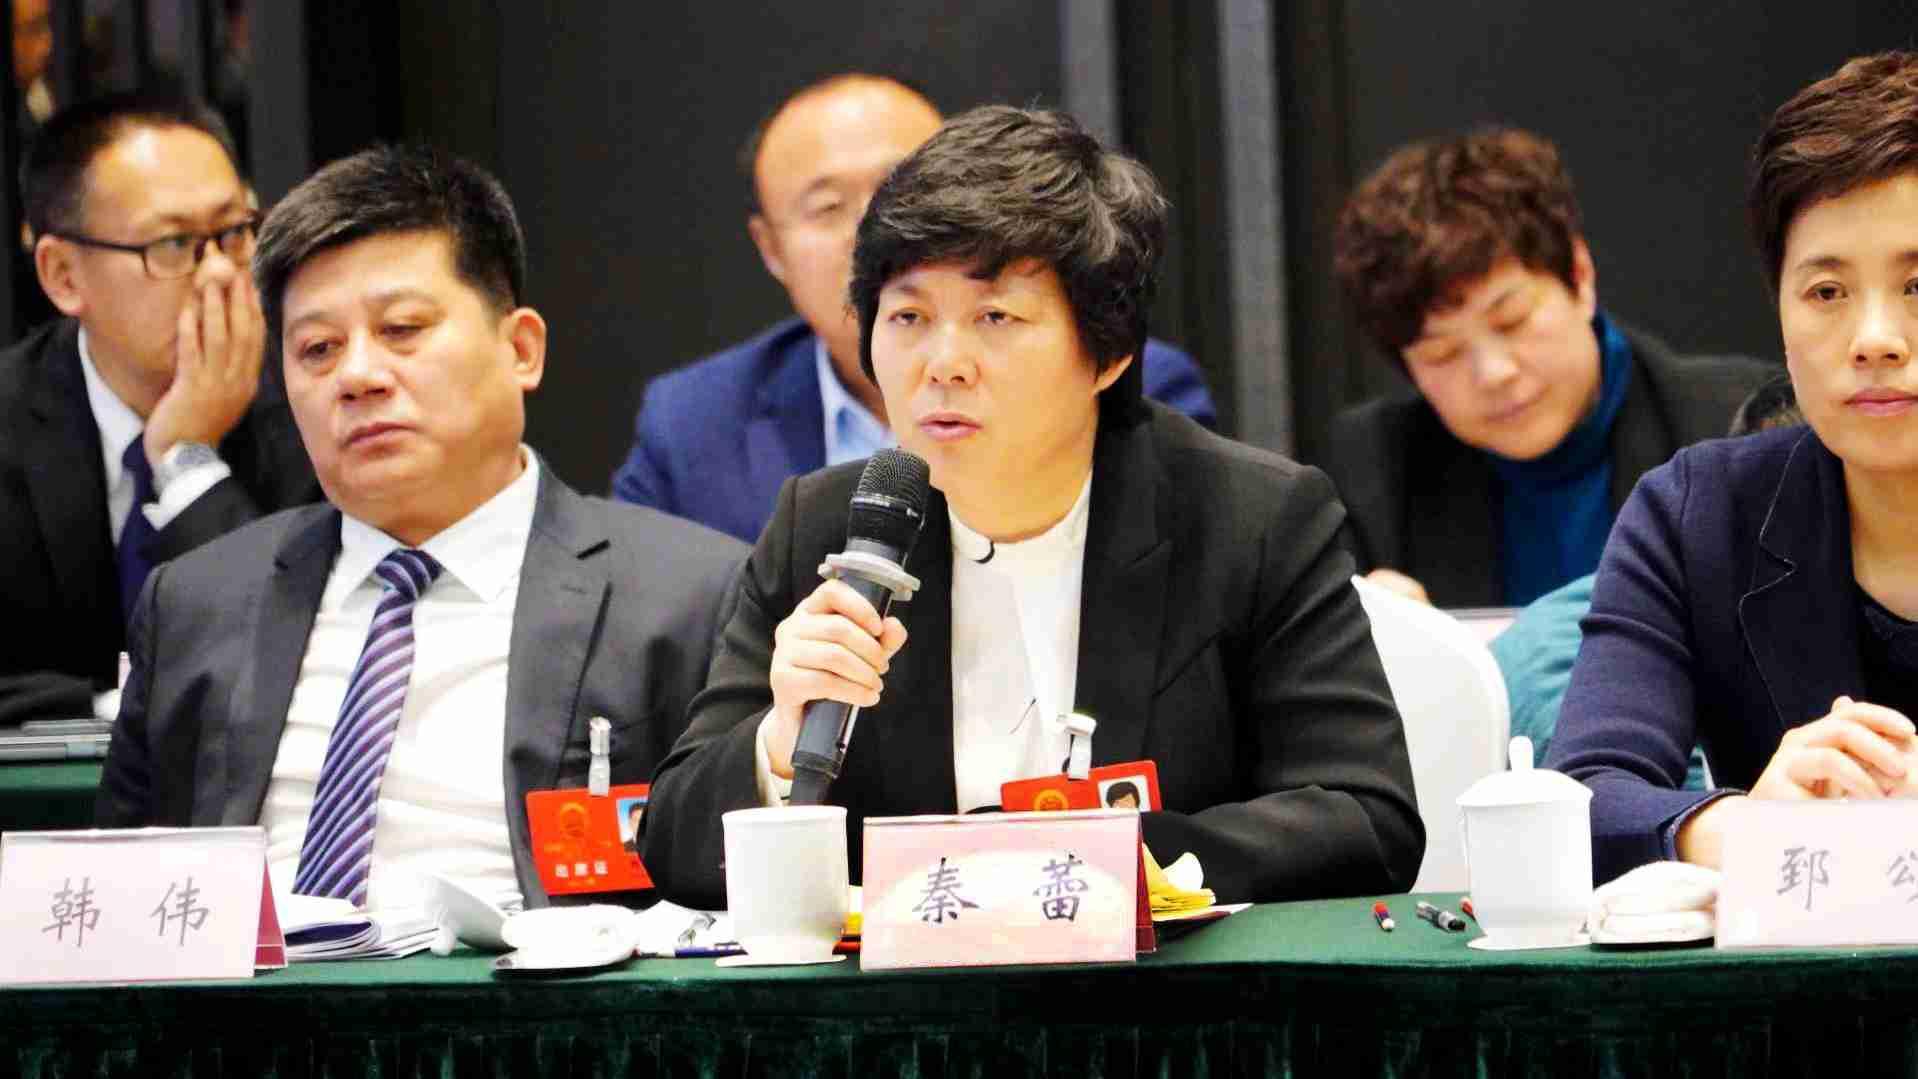 http://www.jinanjianbanzhewan.com/liuxingshishang/52694.html